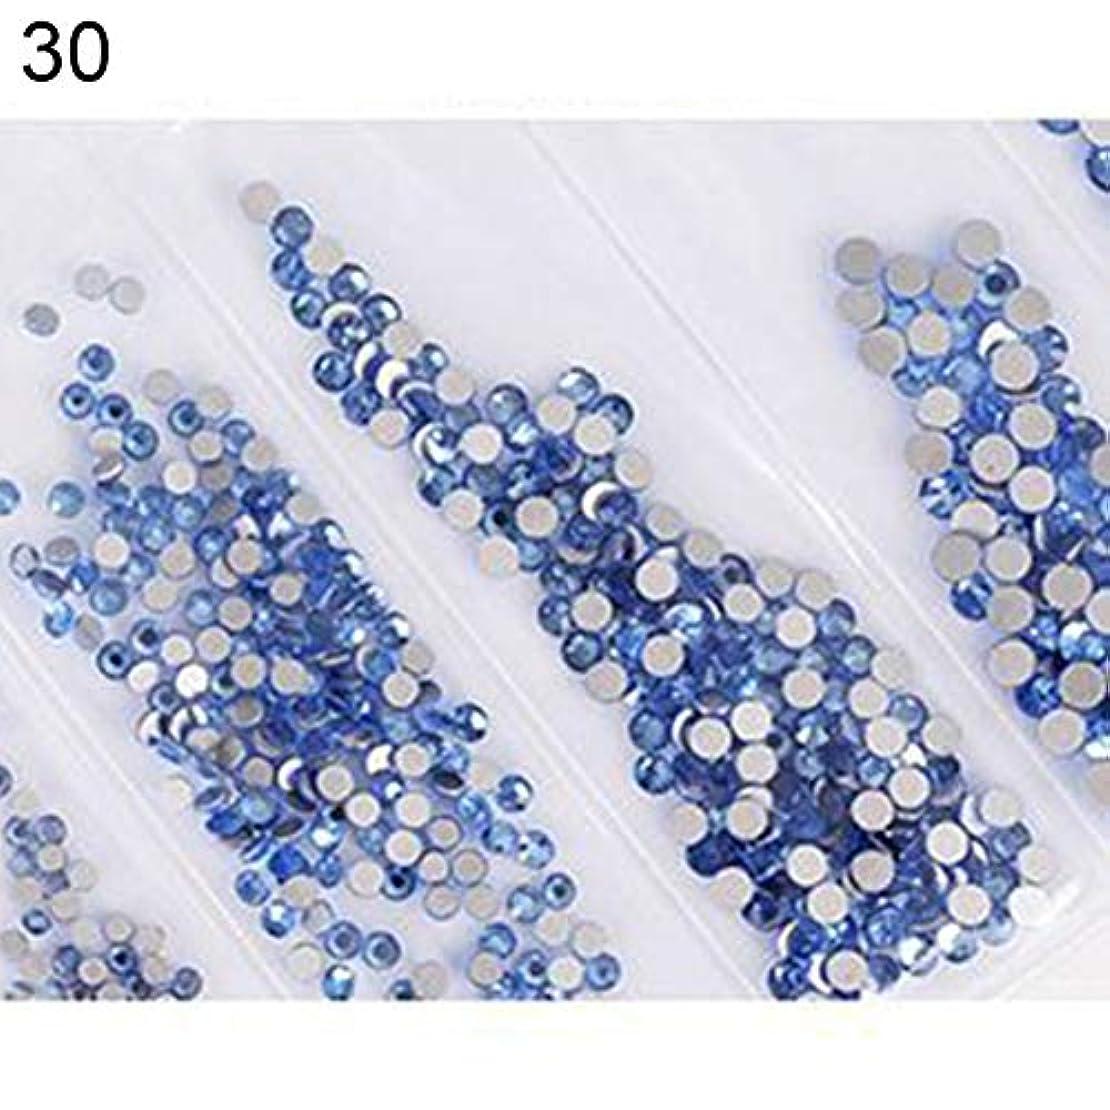 クラックポットグロー早めるhamulekfae-6ピース光沢のあるフラットガラスラインストーンネイルアートの装飾diyマニキュアのヒントツール 30#